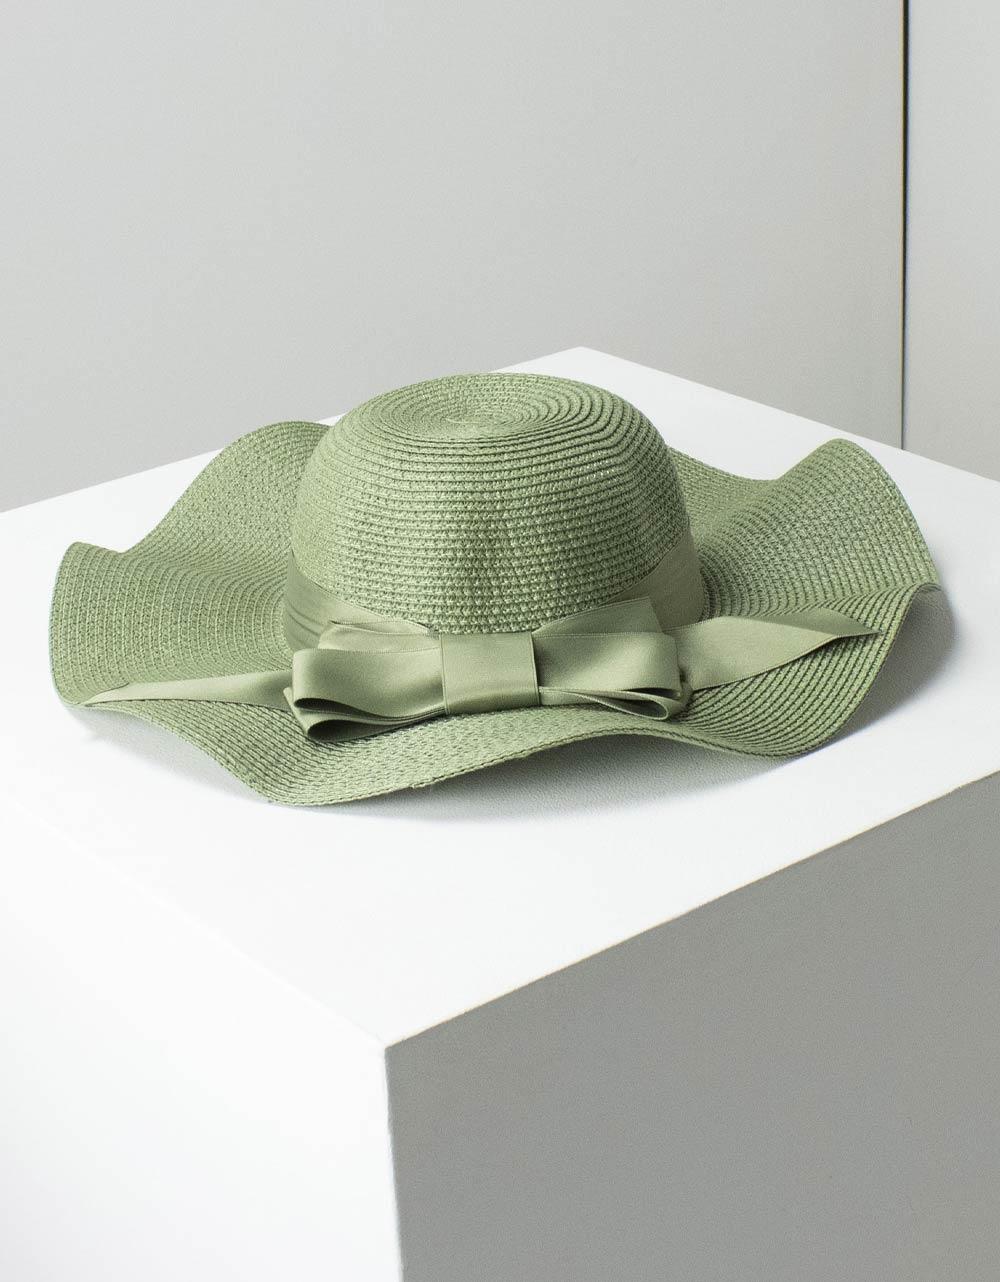 Εικόνα από Γυναικεία καπέλα με κυματιστό σχέδιο Πράσινο